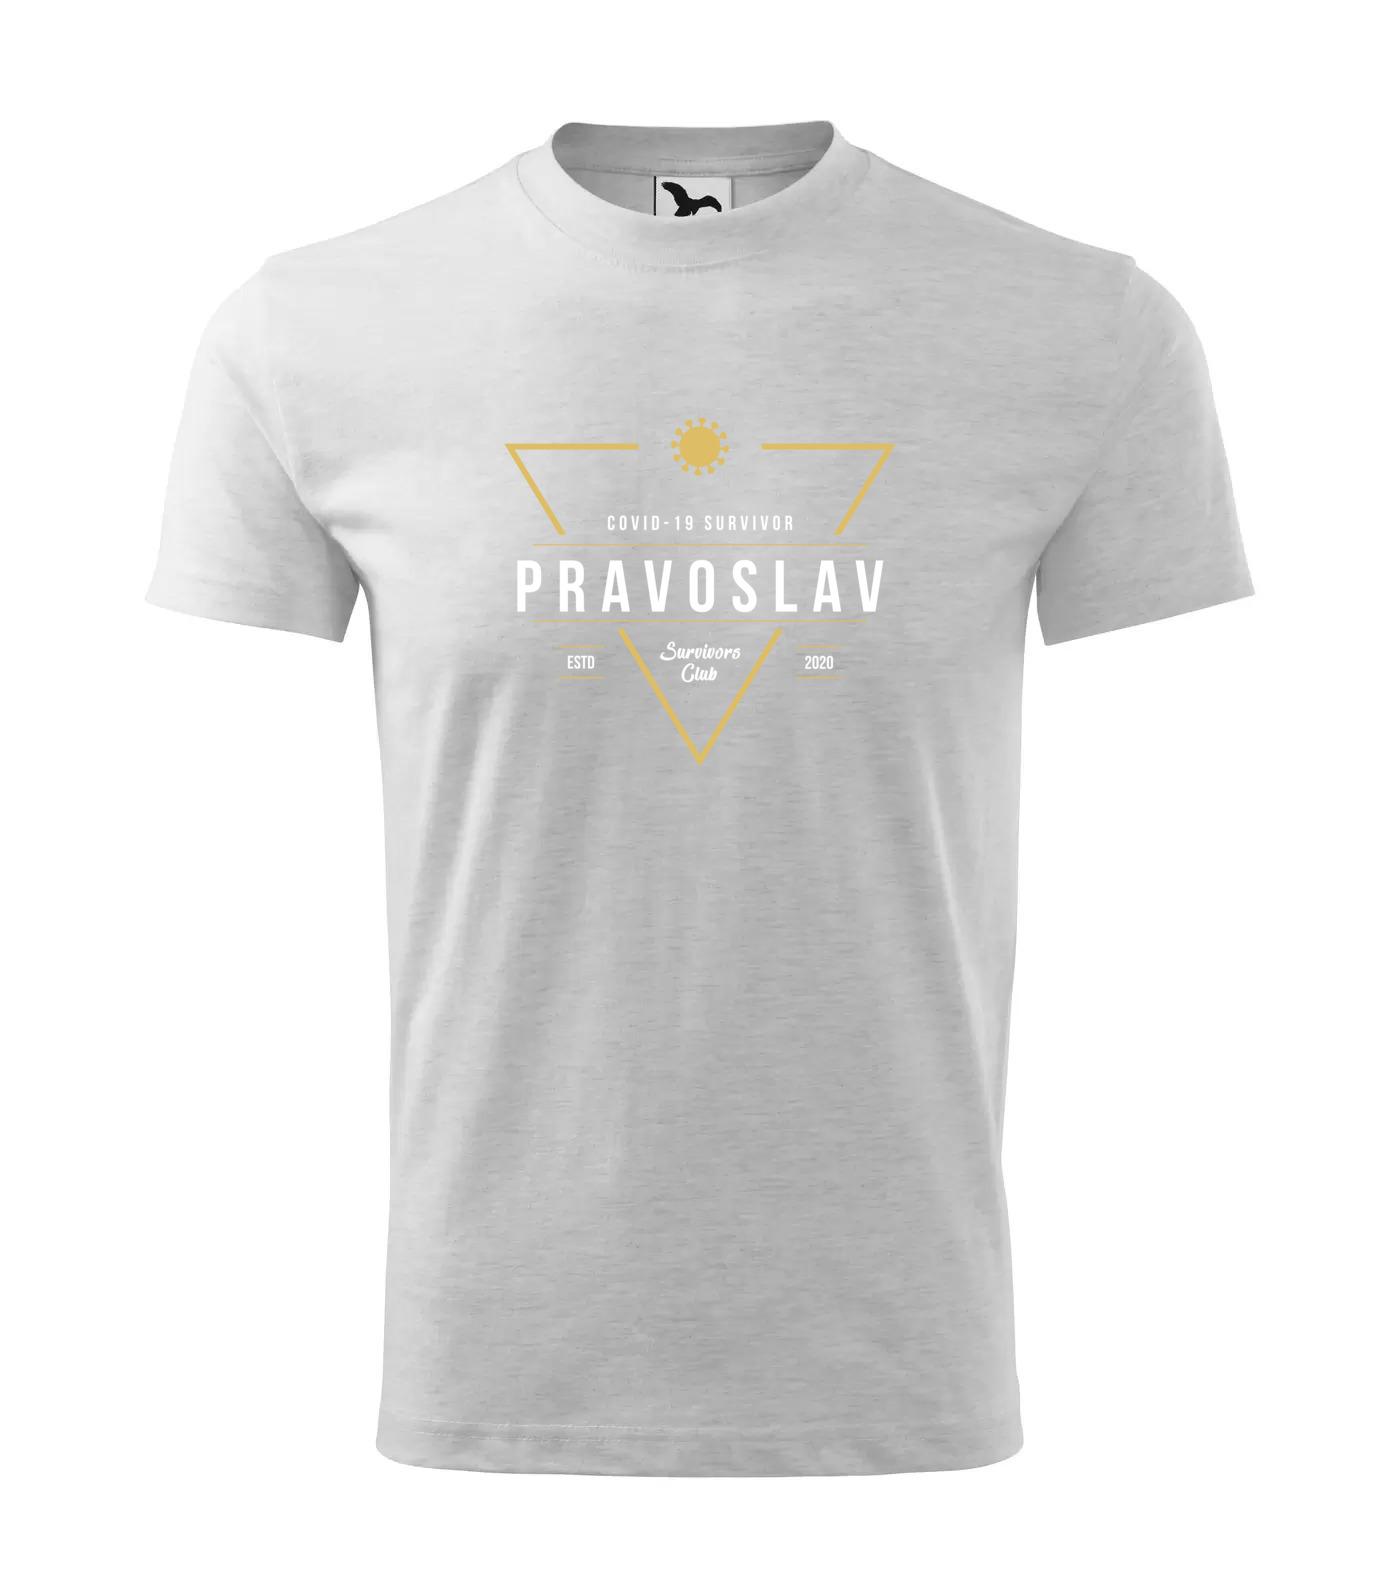 Tričko Survivor Club Pravoslav